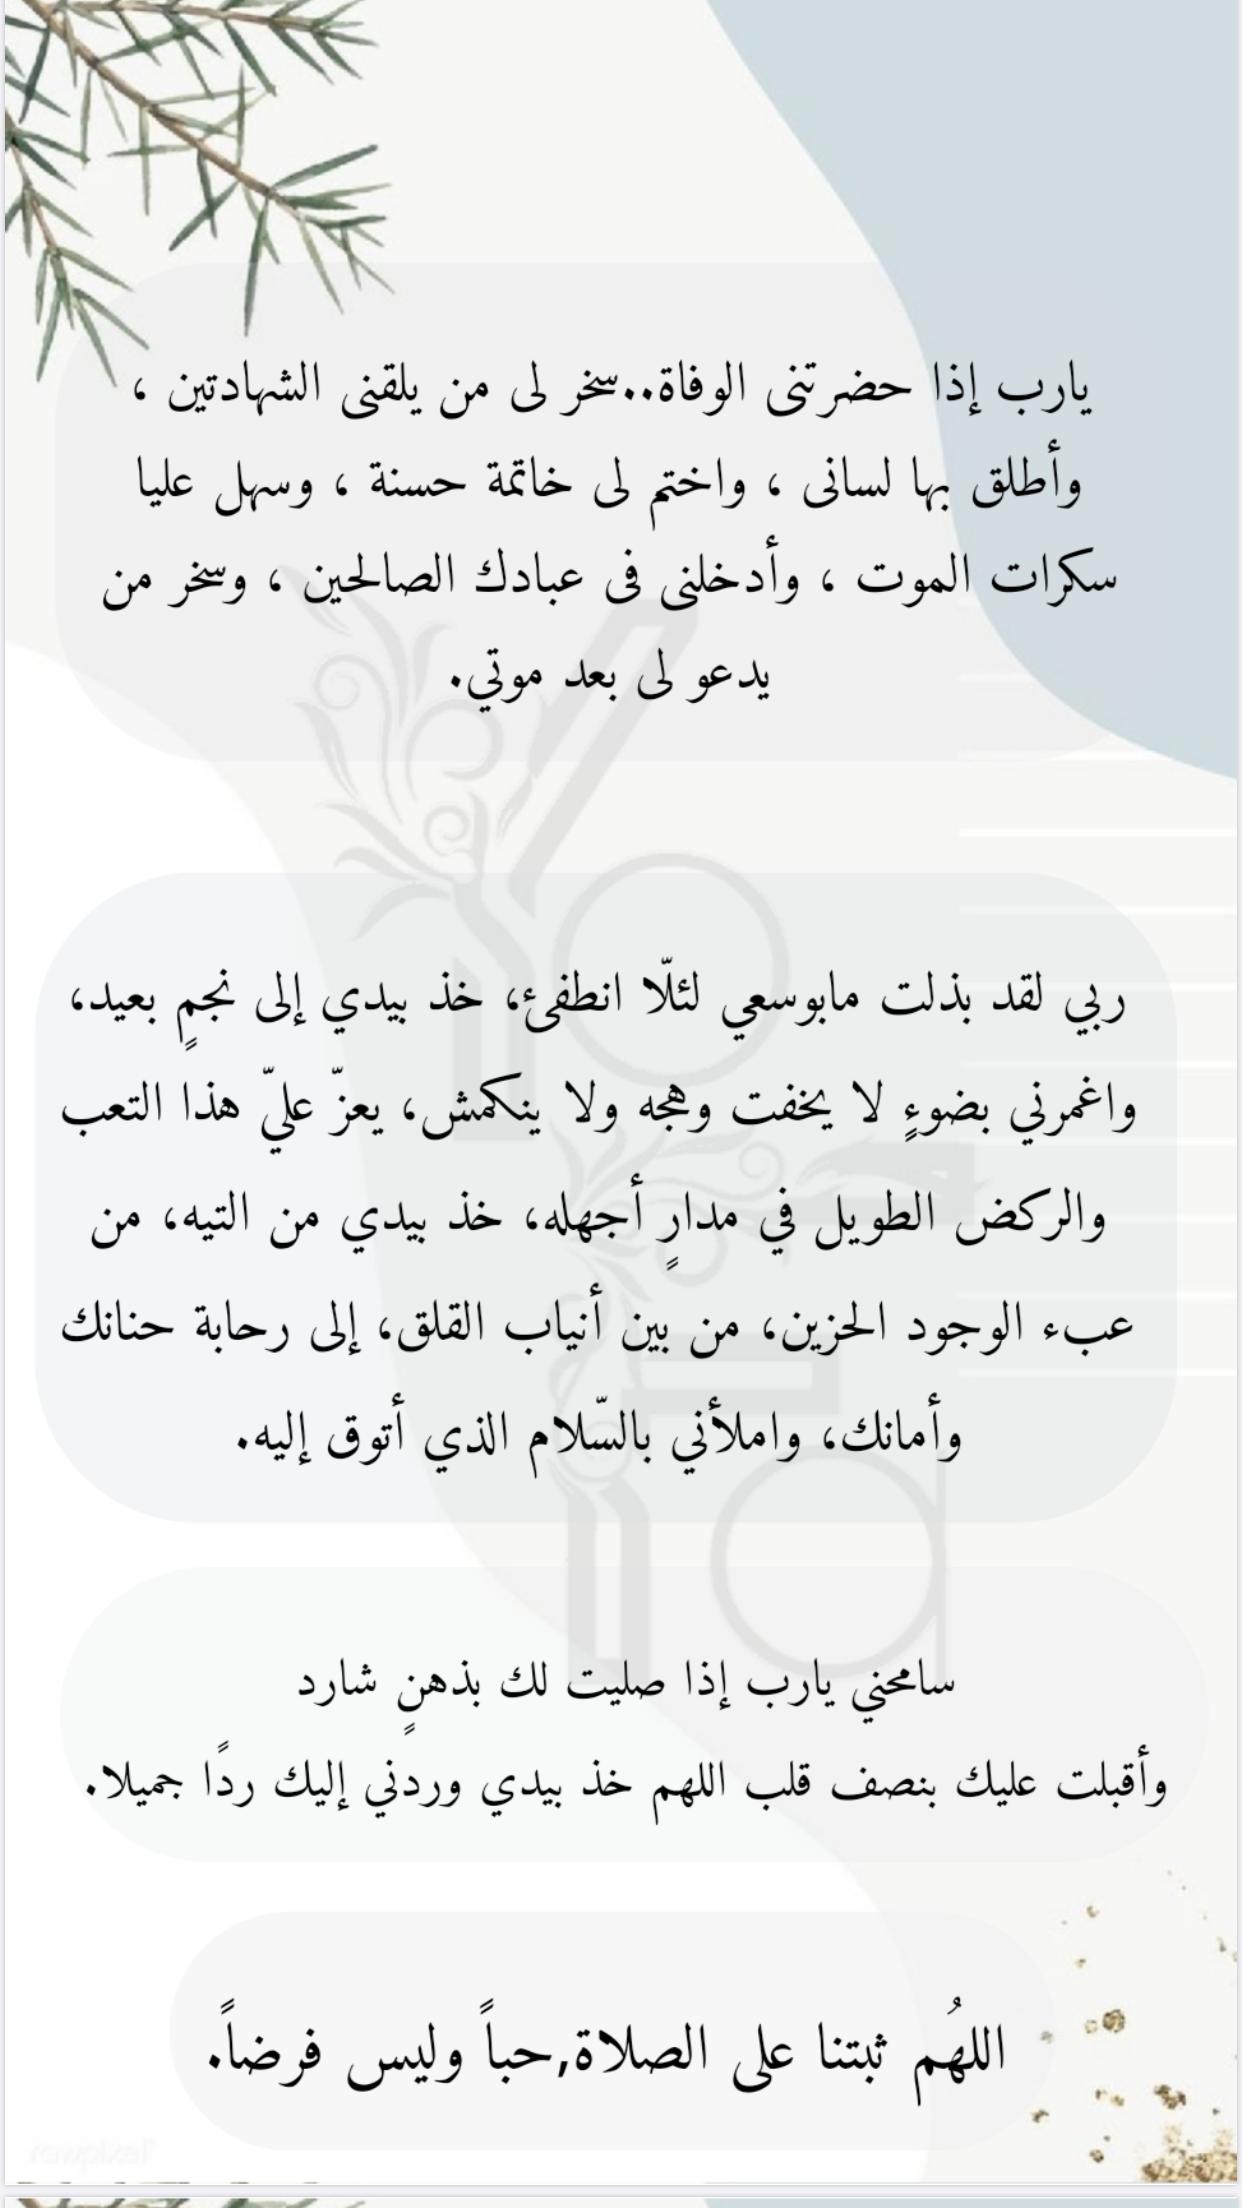 ادعية رمضان دعاء ليلة القدر صور Quran Quotes Love Beautiful Arabic Words Islamic Quotes